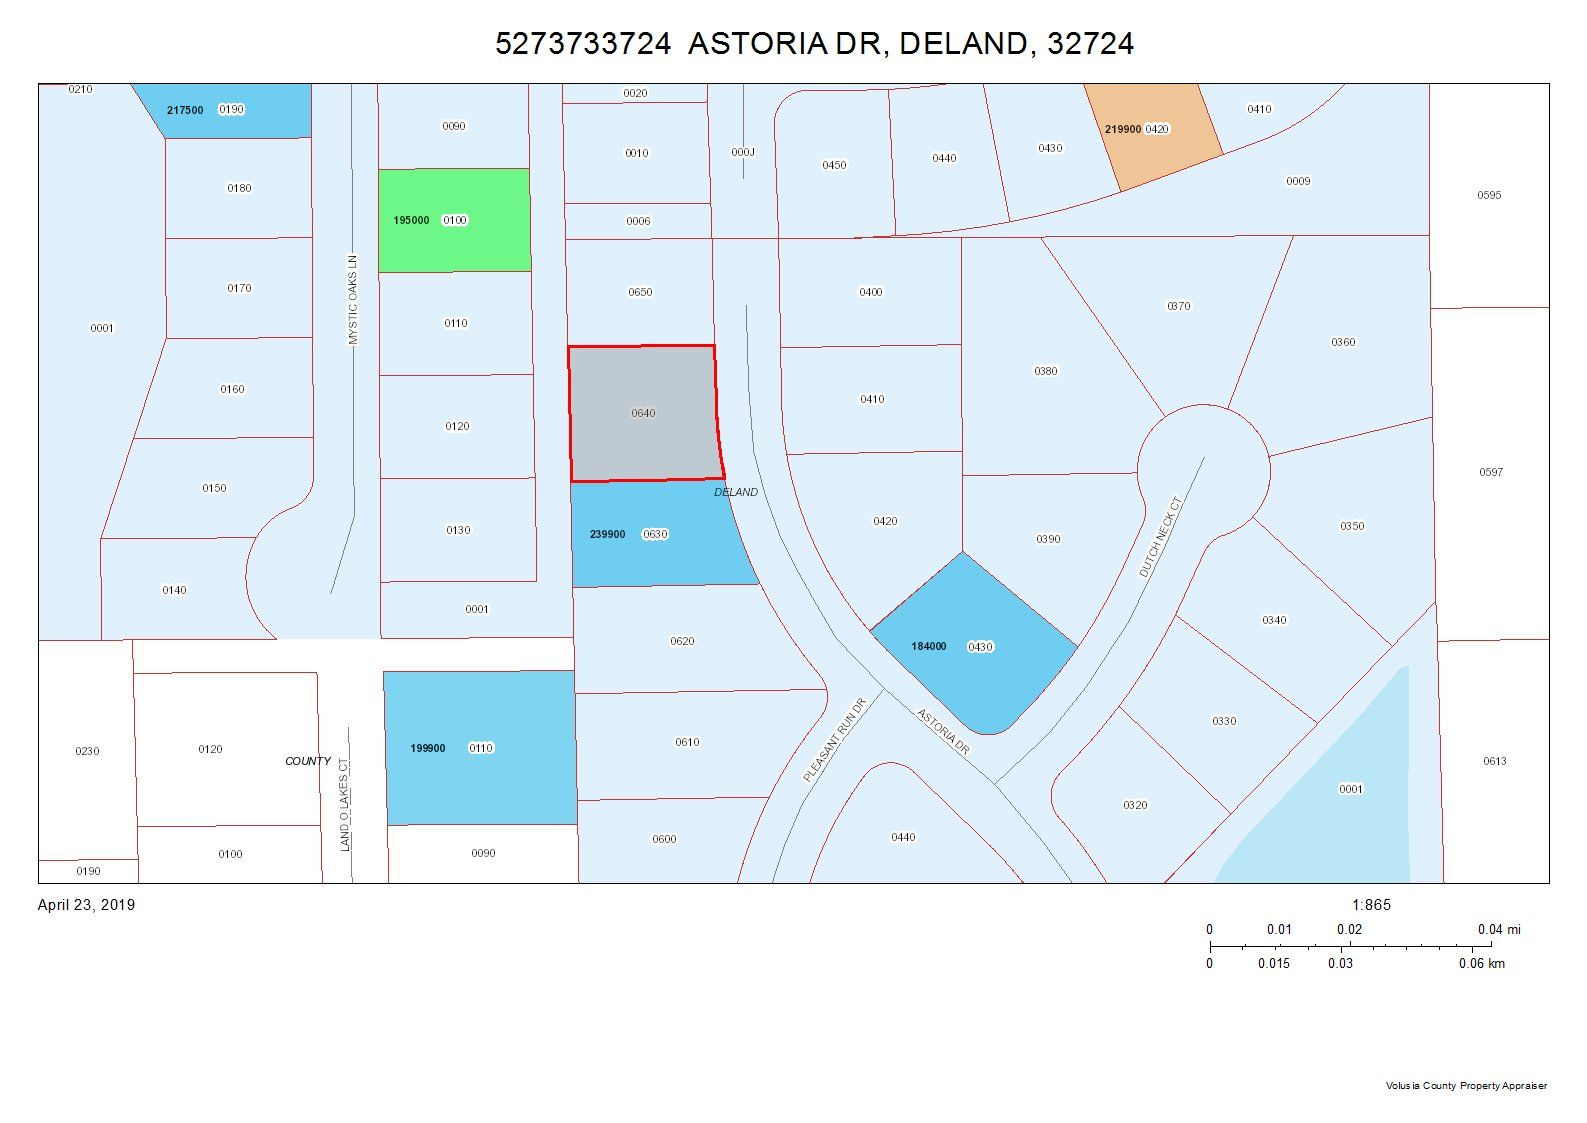 724 Astoria Dr, Deland, FL 32724 - Lot/Land | Trulia on